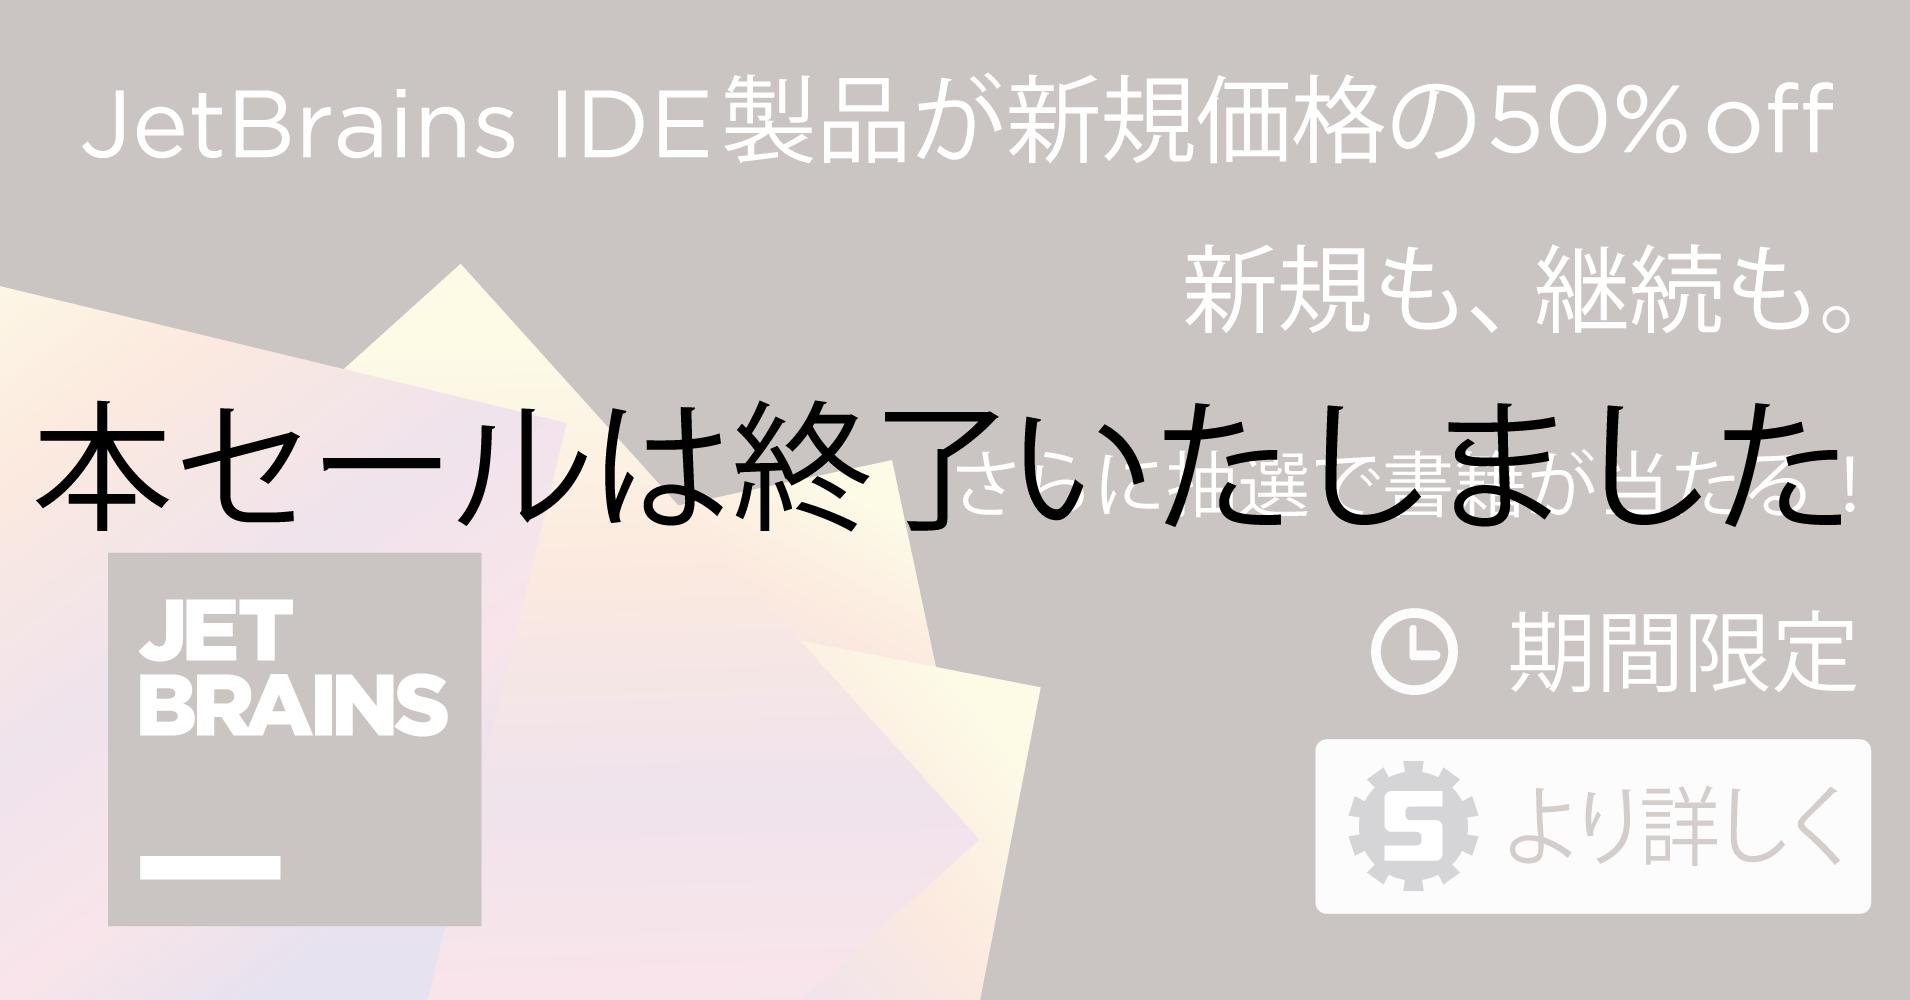 【終了しました】2018年 – 国際フレンドシップデー限定セール – JetBrains IDE製品を新規の50%価格で! & 抽選で書籍をプレゼント